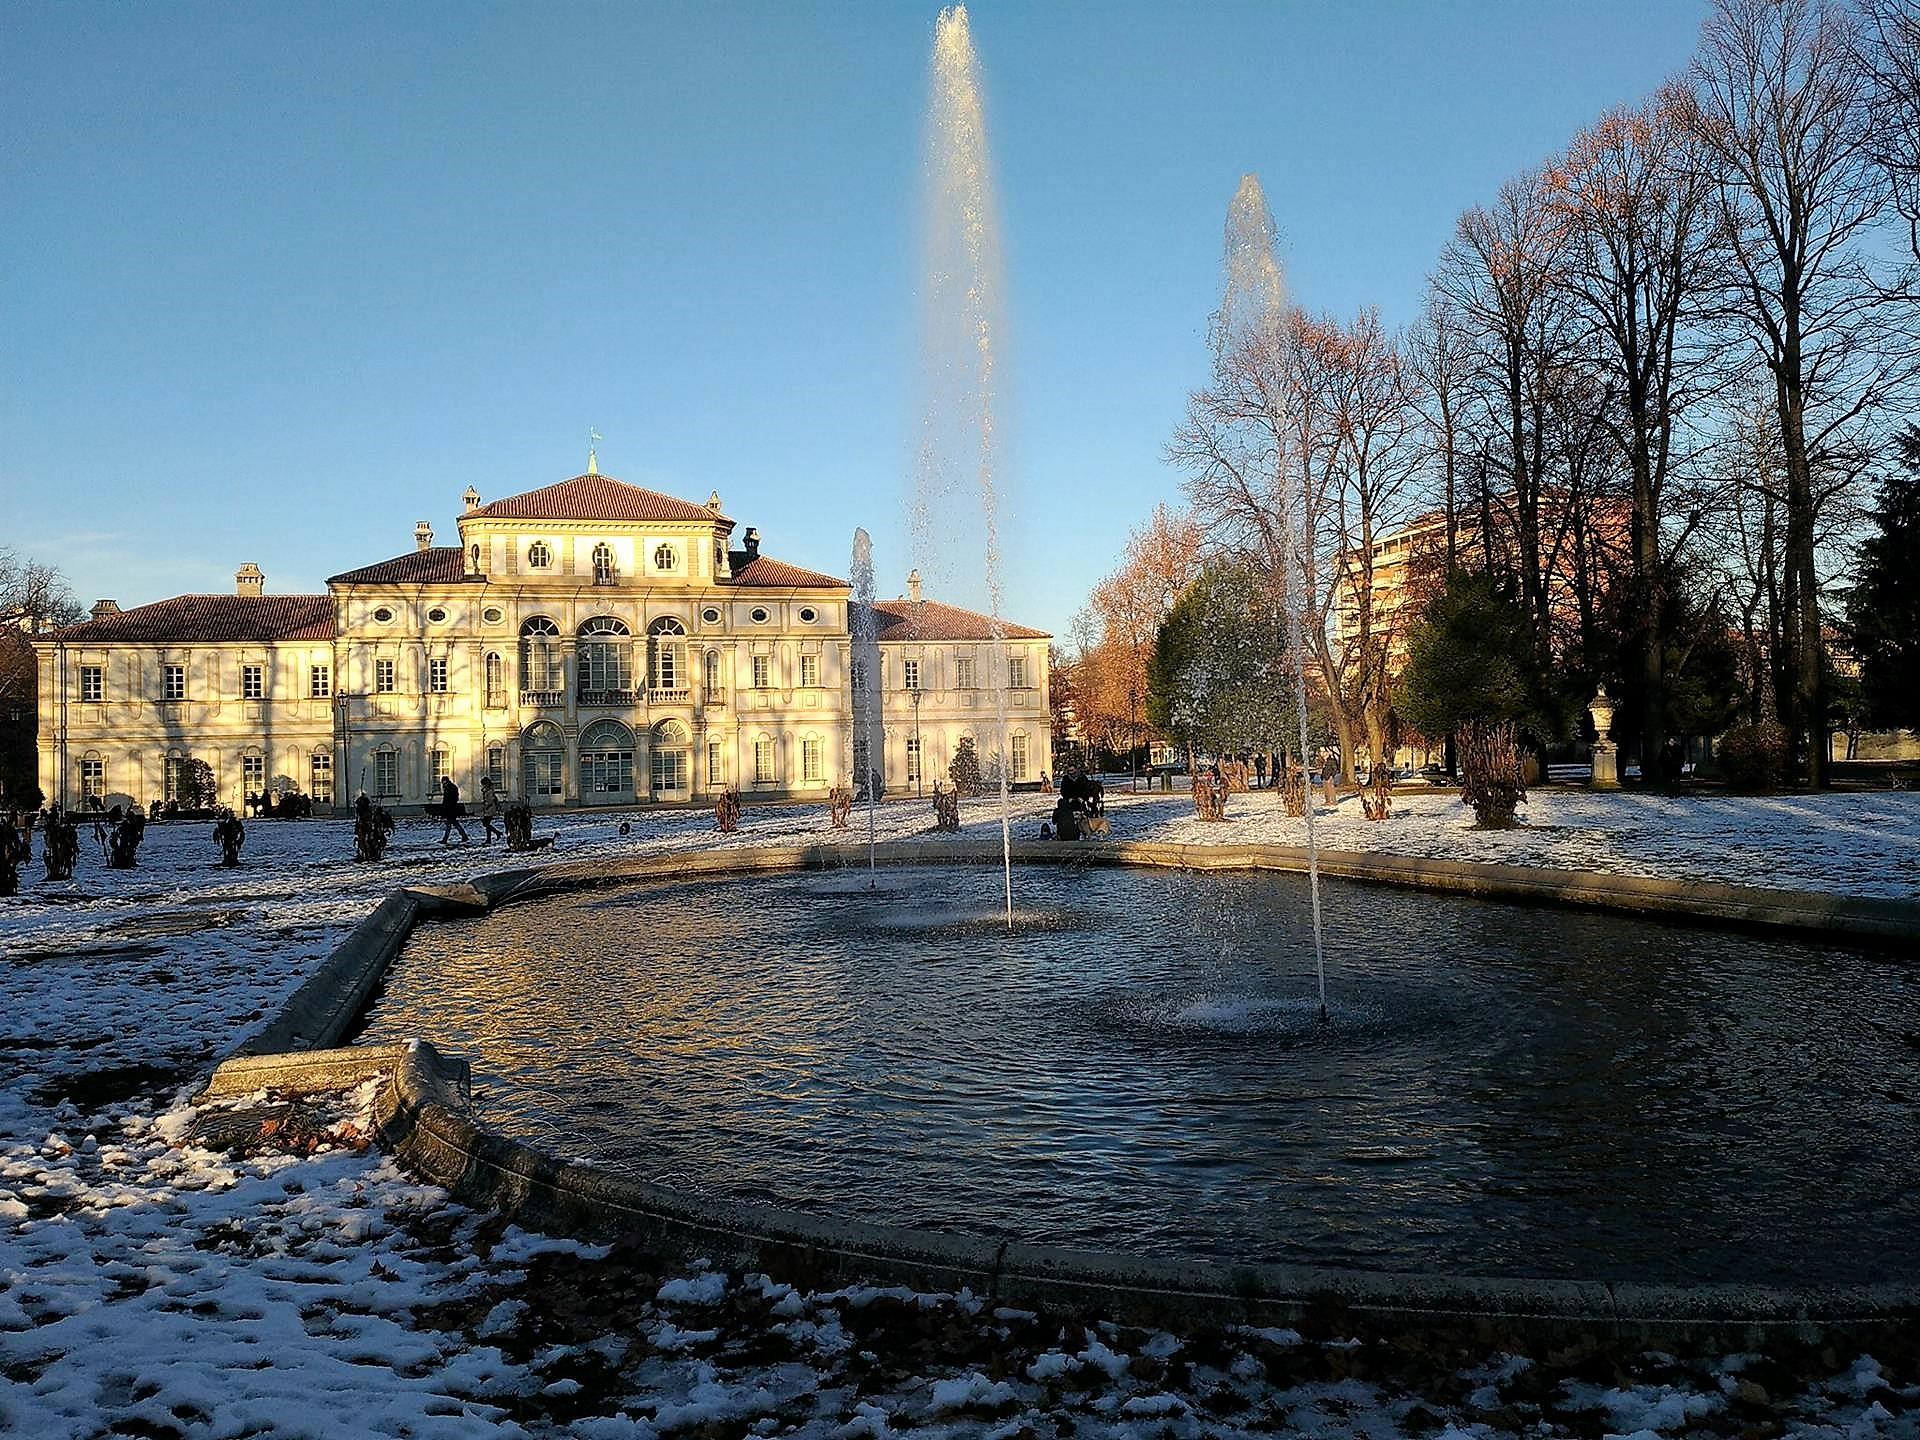 Villa Sartirana, meglio nota come La Tesoriera, che fu dimora del Tesoriere del Re